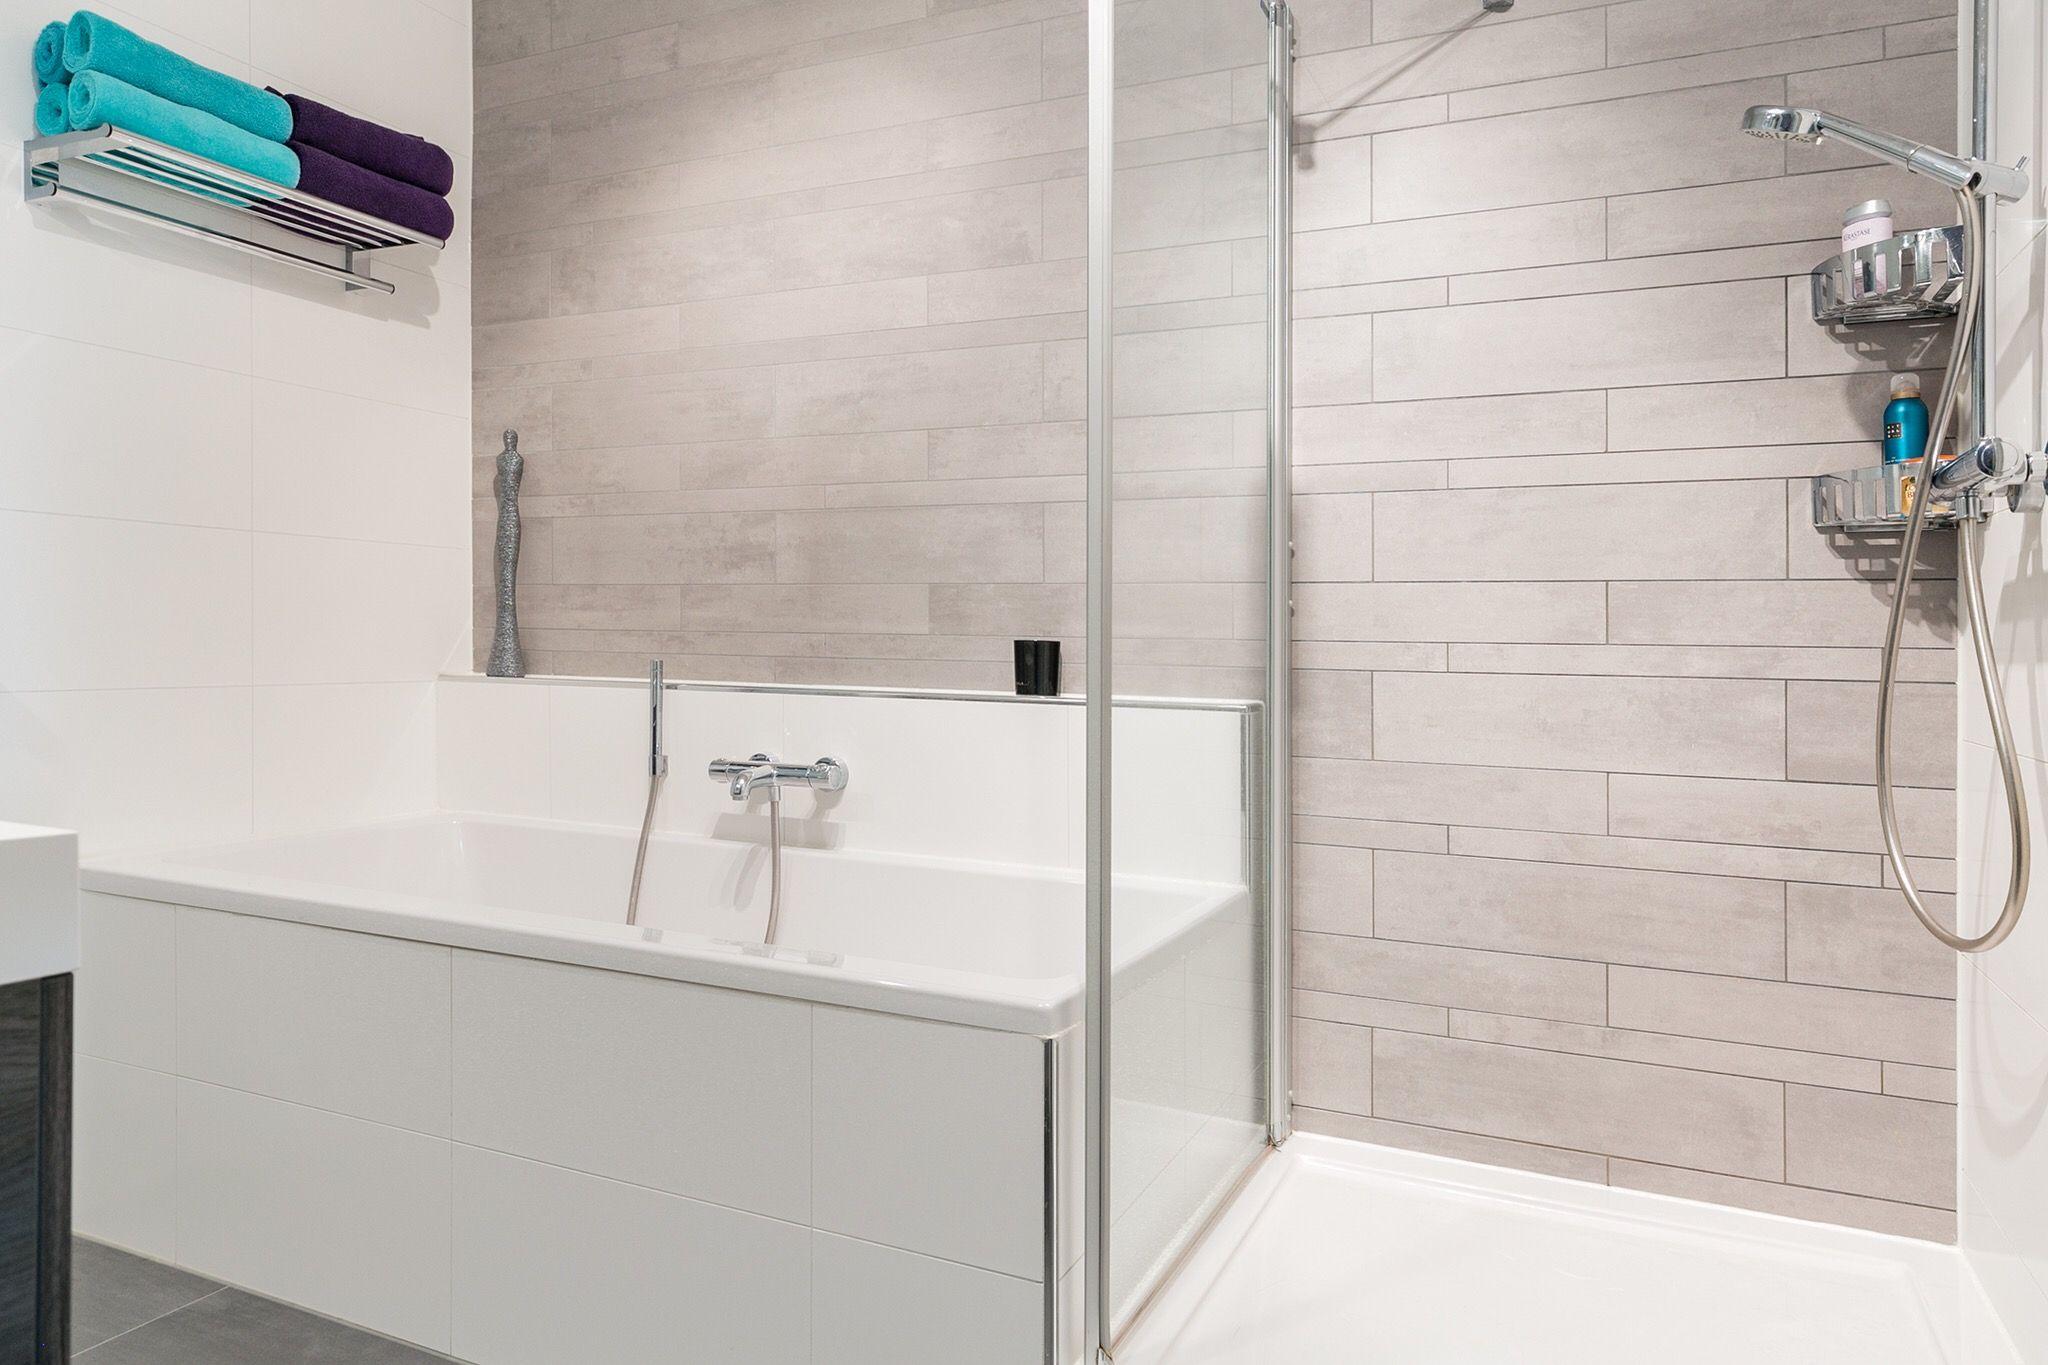 Design Badkamer Rotterdam : Design badkamer en optimaal gebruik van de ruimte maisonette